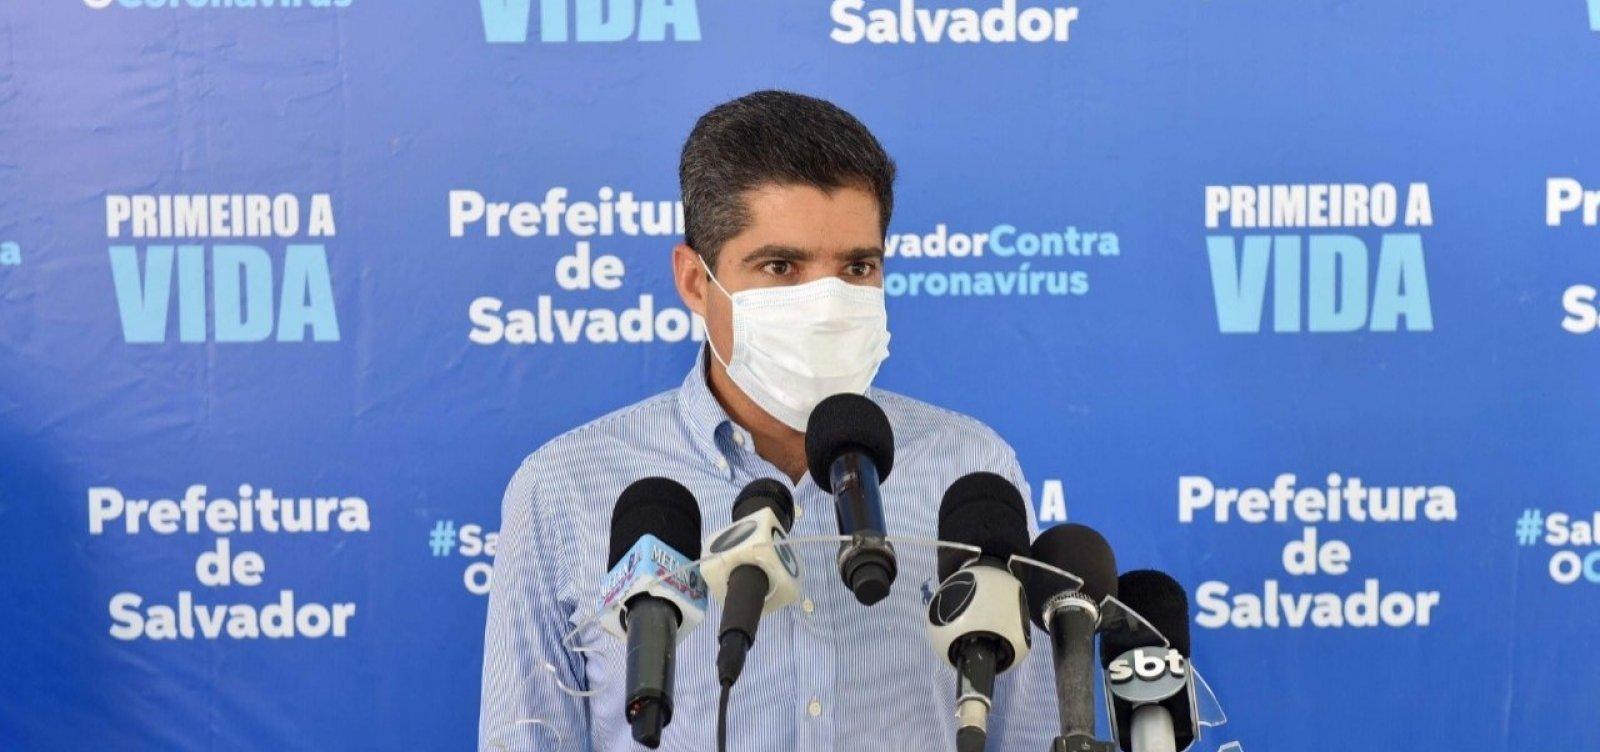 [Prefeitura de Salvador determina novo fechamento de cinemas, teatros e casas de espetáculo]